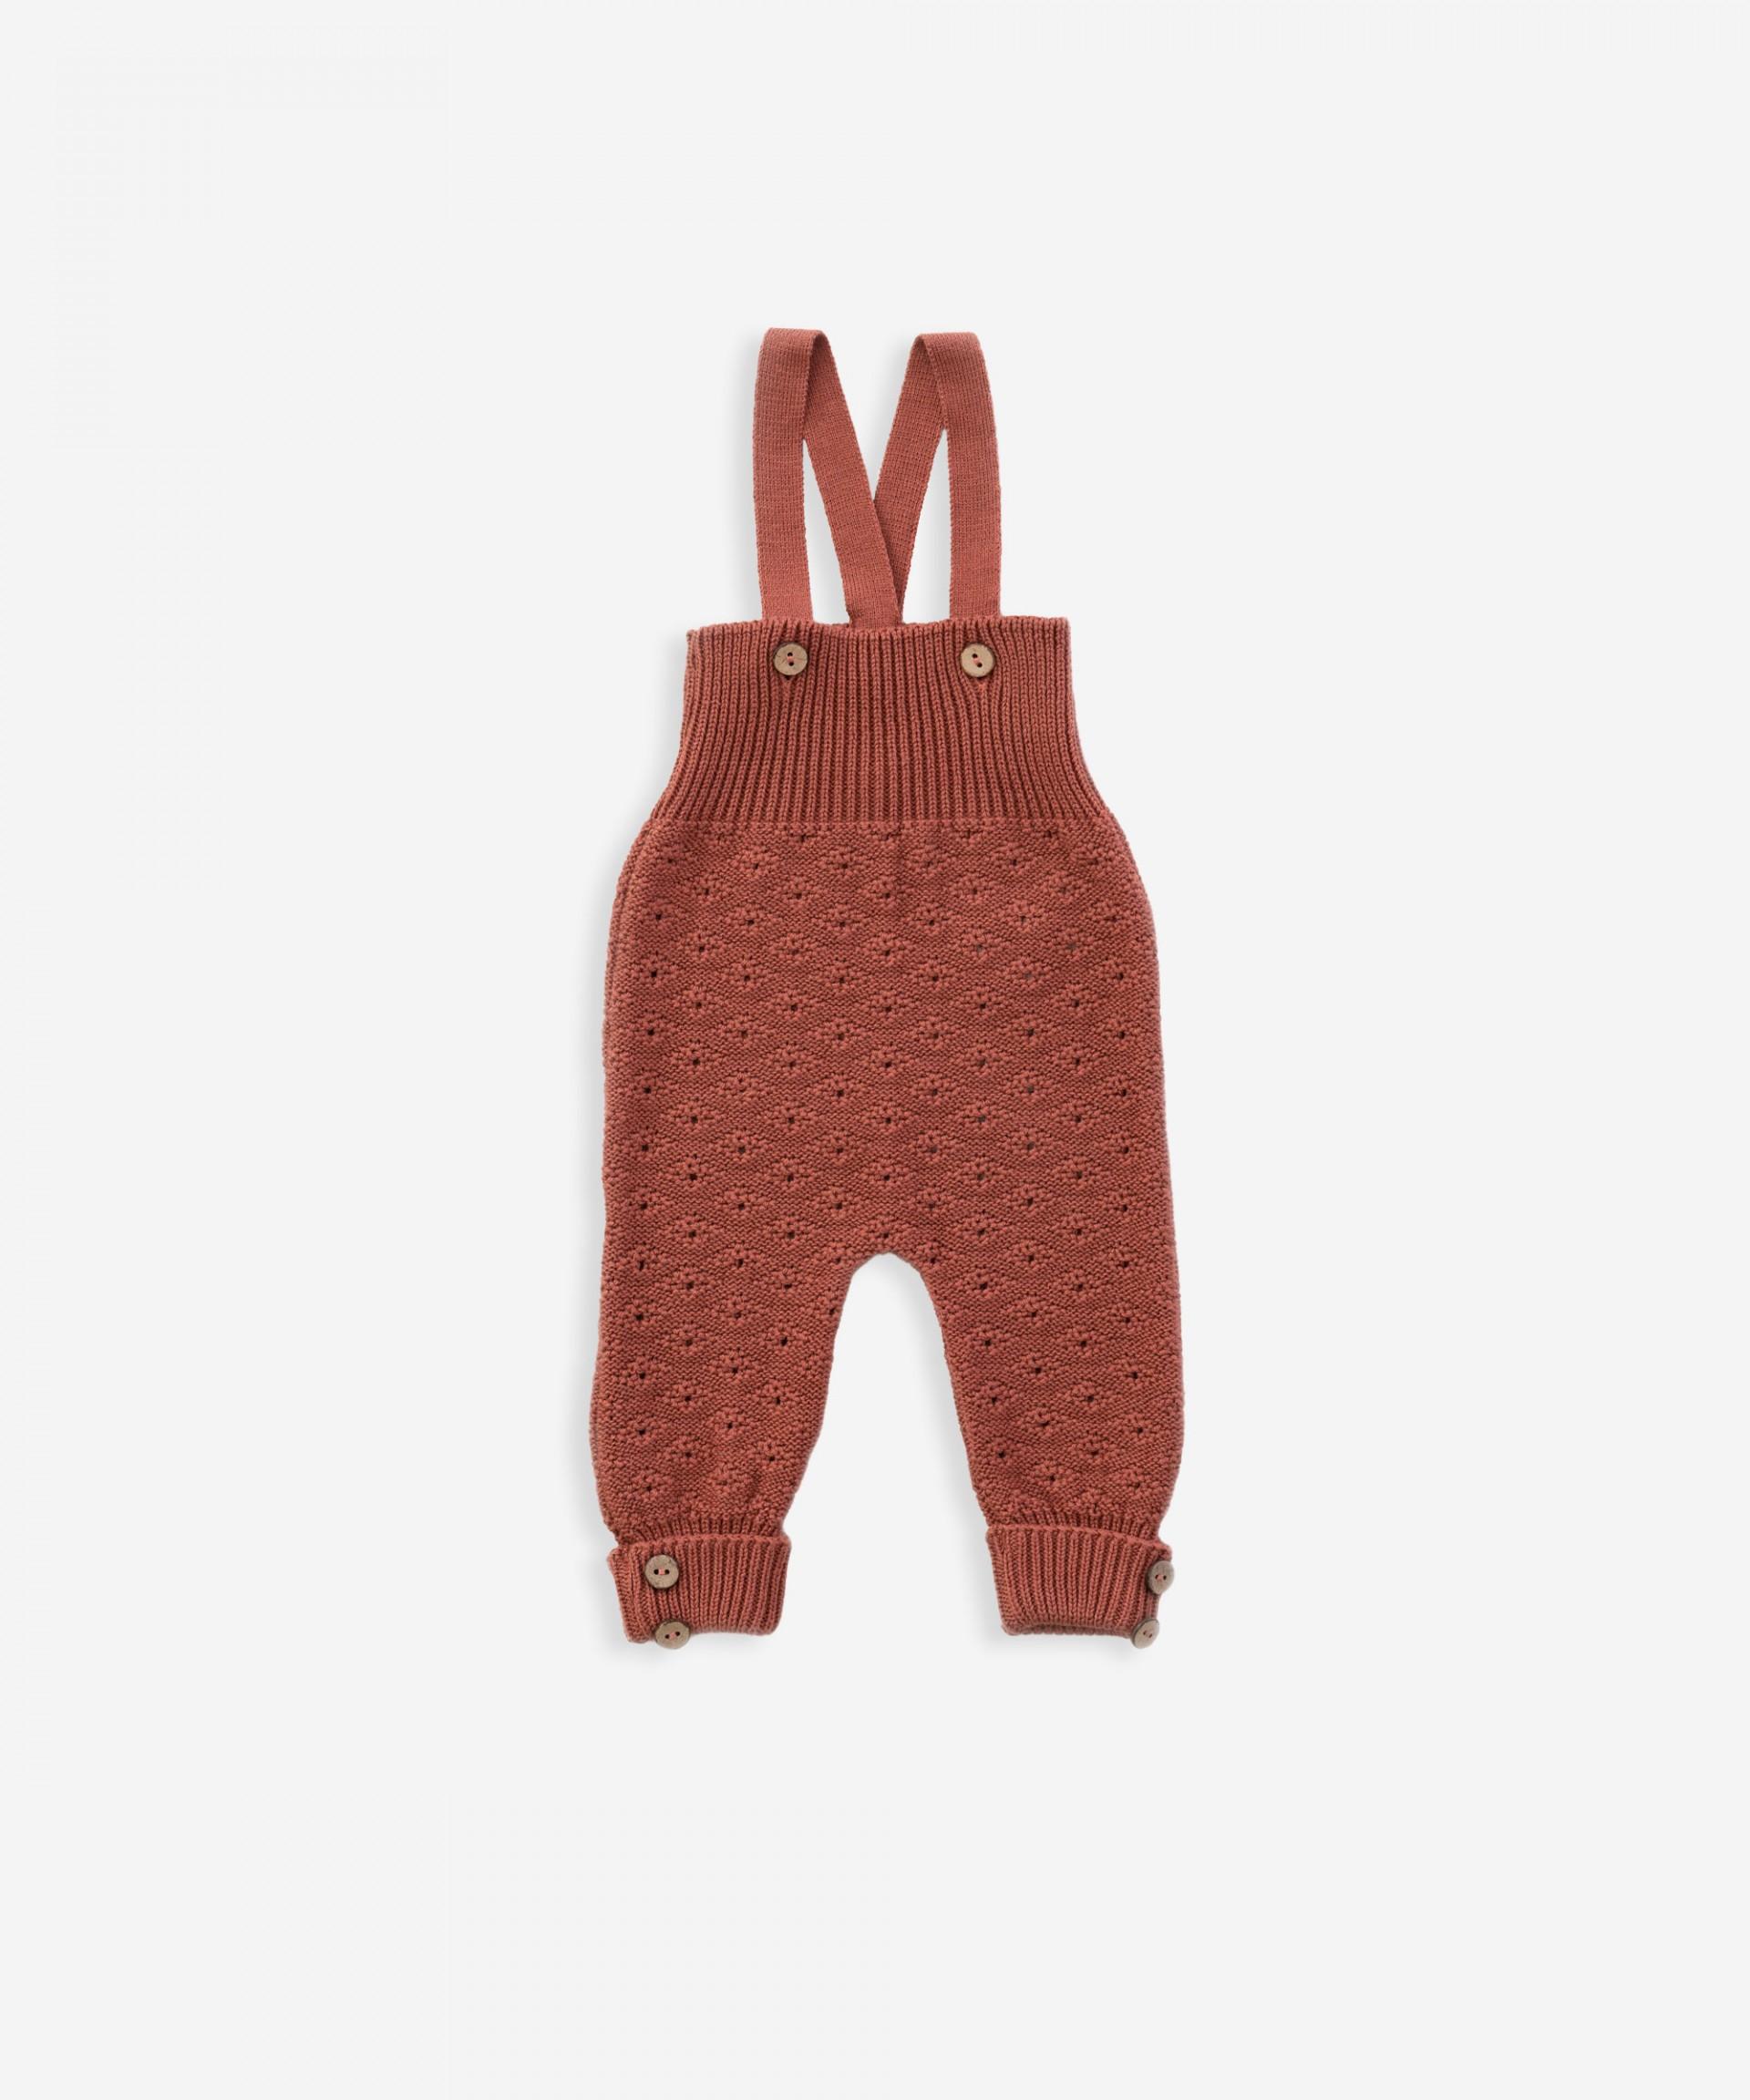 Tutona lavorata a maglia, in cotone biologico |Weaving